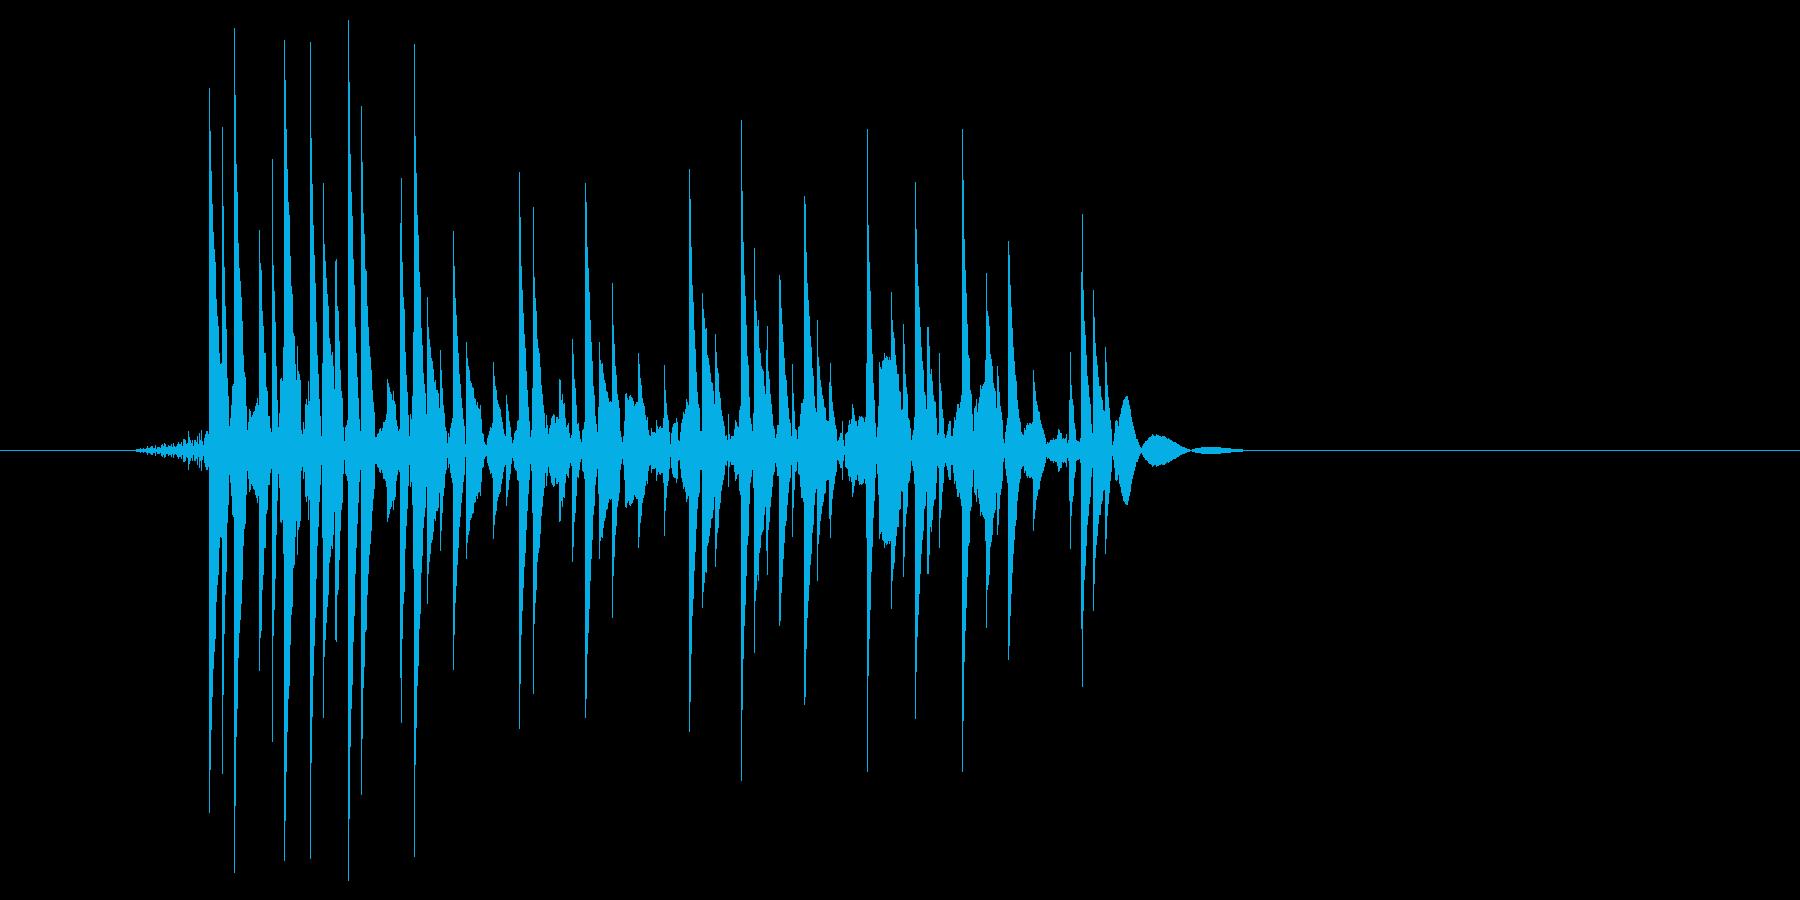 ゲーム(ファミコン風)爆発音_037の再生済みの波形